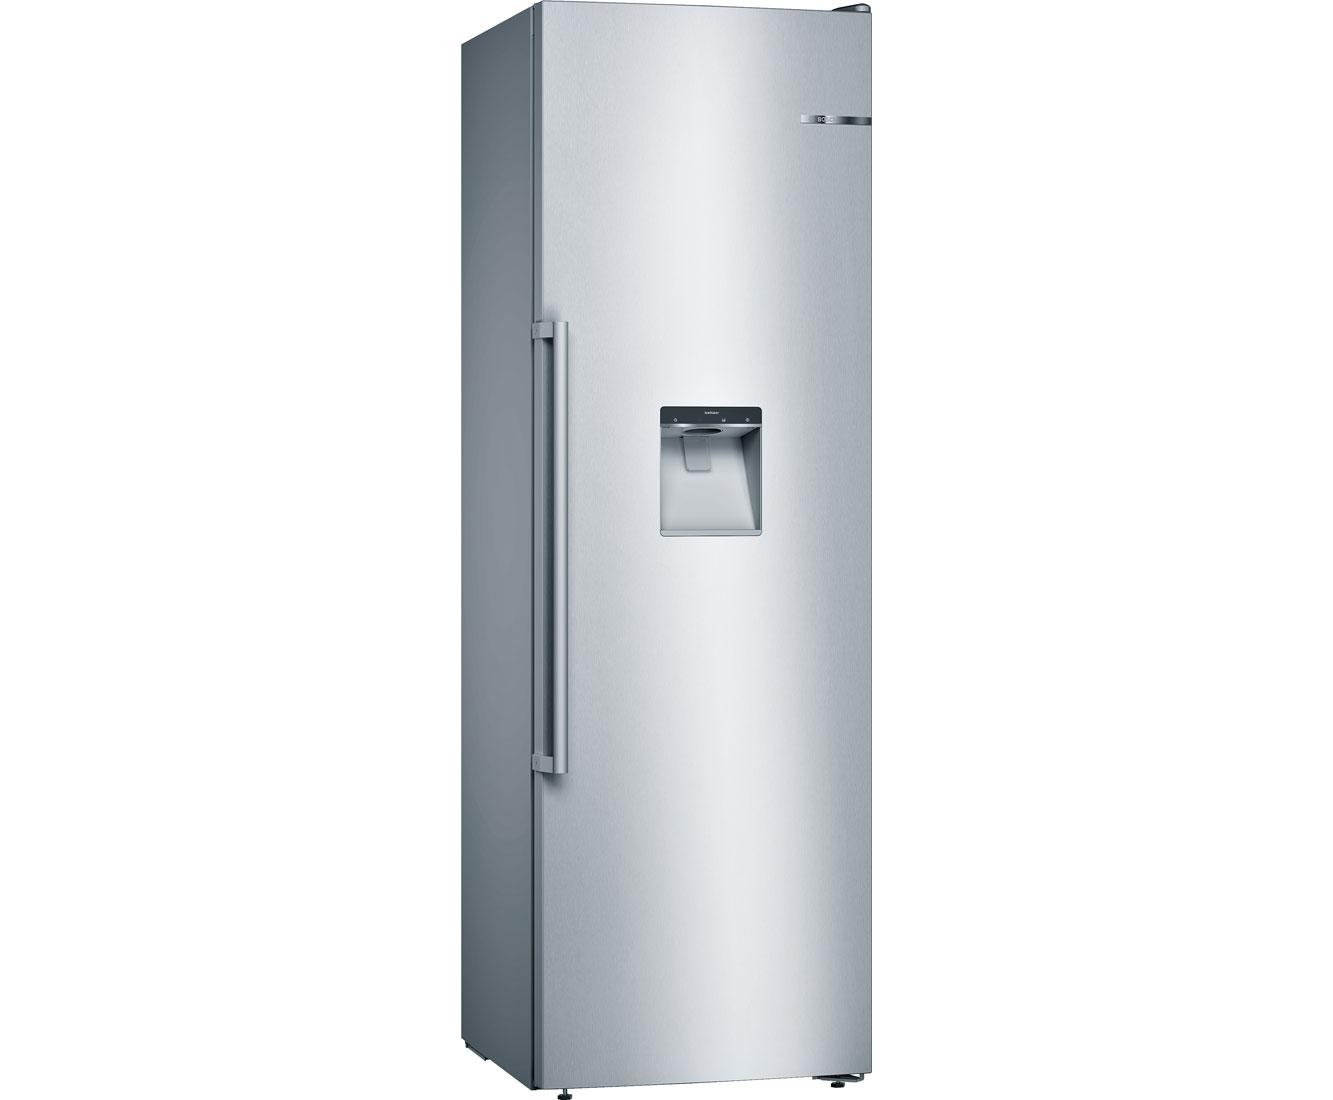 Gorenje Kühlschrank Gefrierfach Abtauen : Bosch kühlschrank mit gefrierfach abtauen gefrierschrank schnell